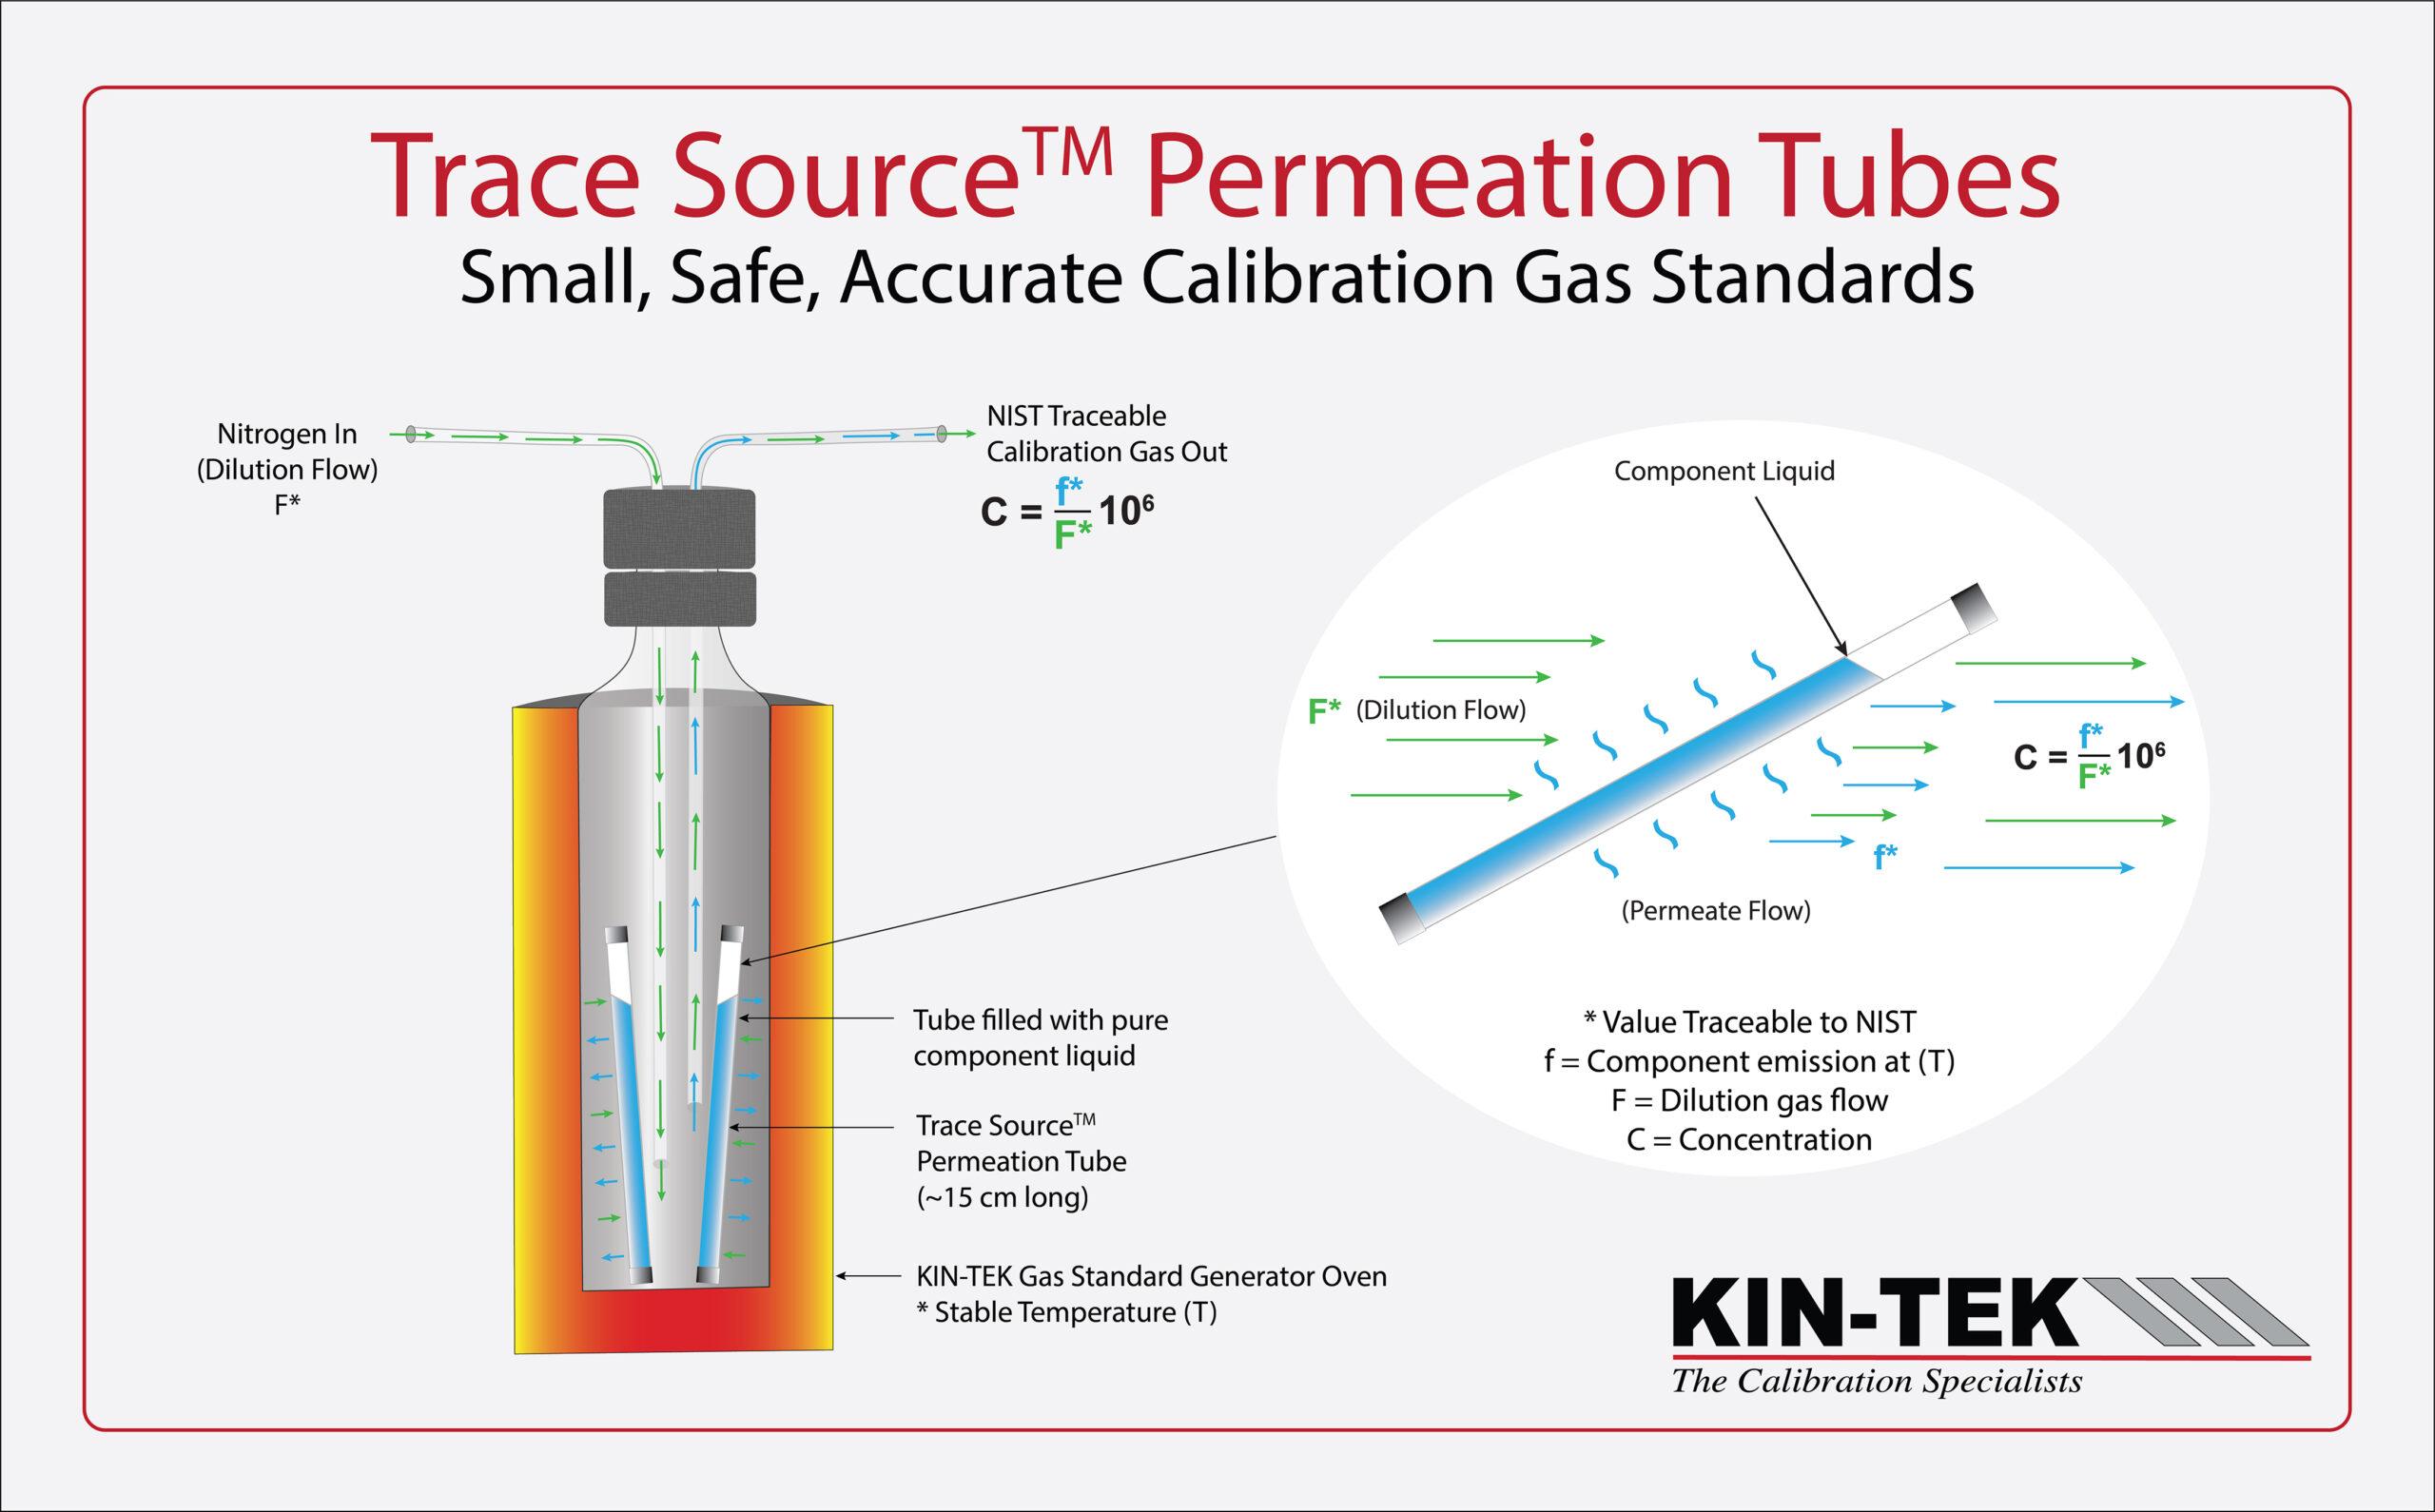 Permeation Tube Illustration